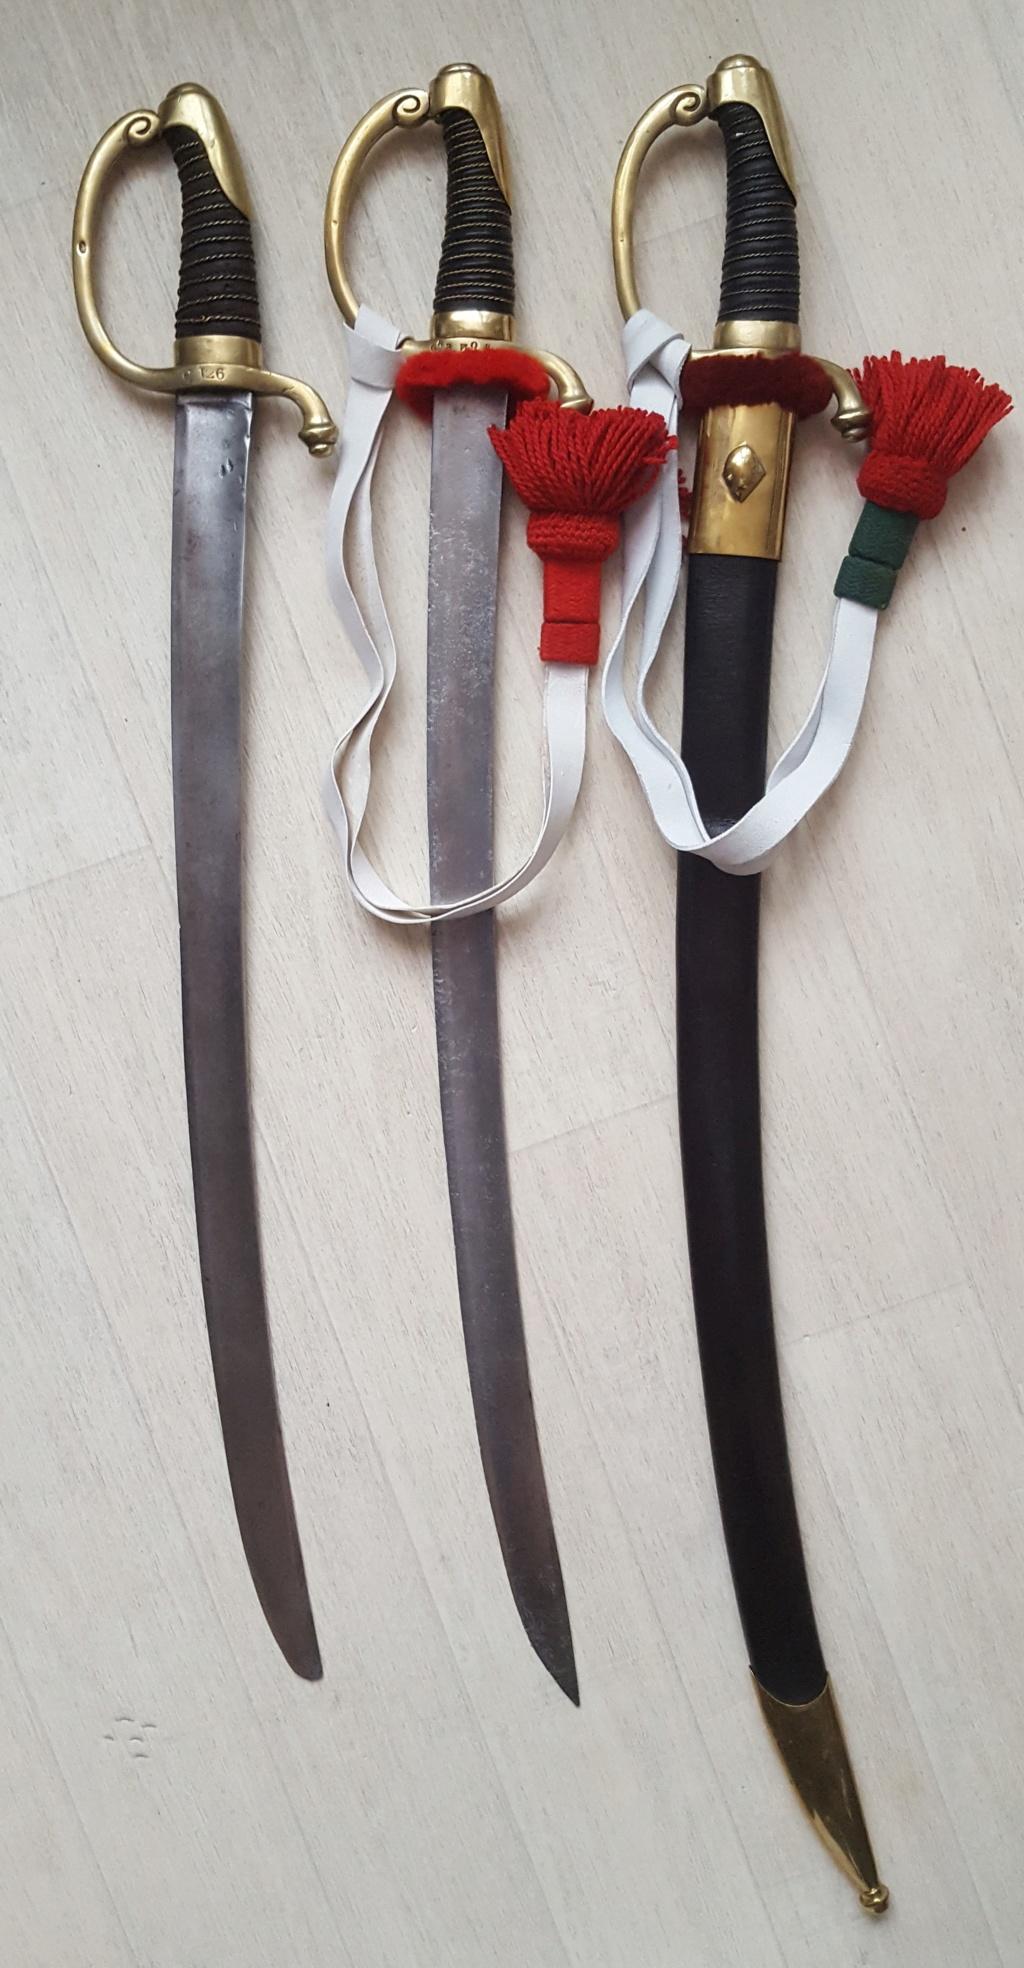 mes sabres-briquets de la vieille garde  - Page 2 20190710